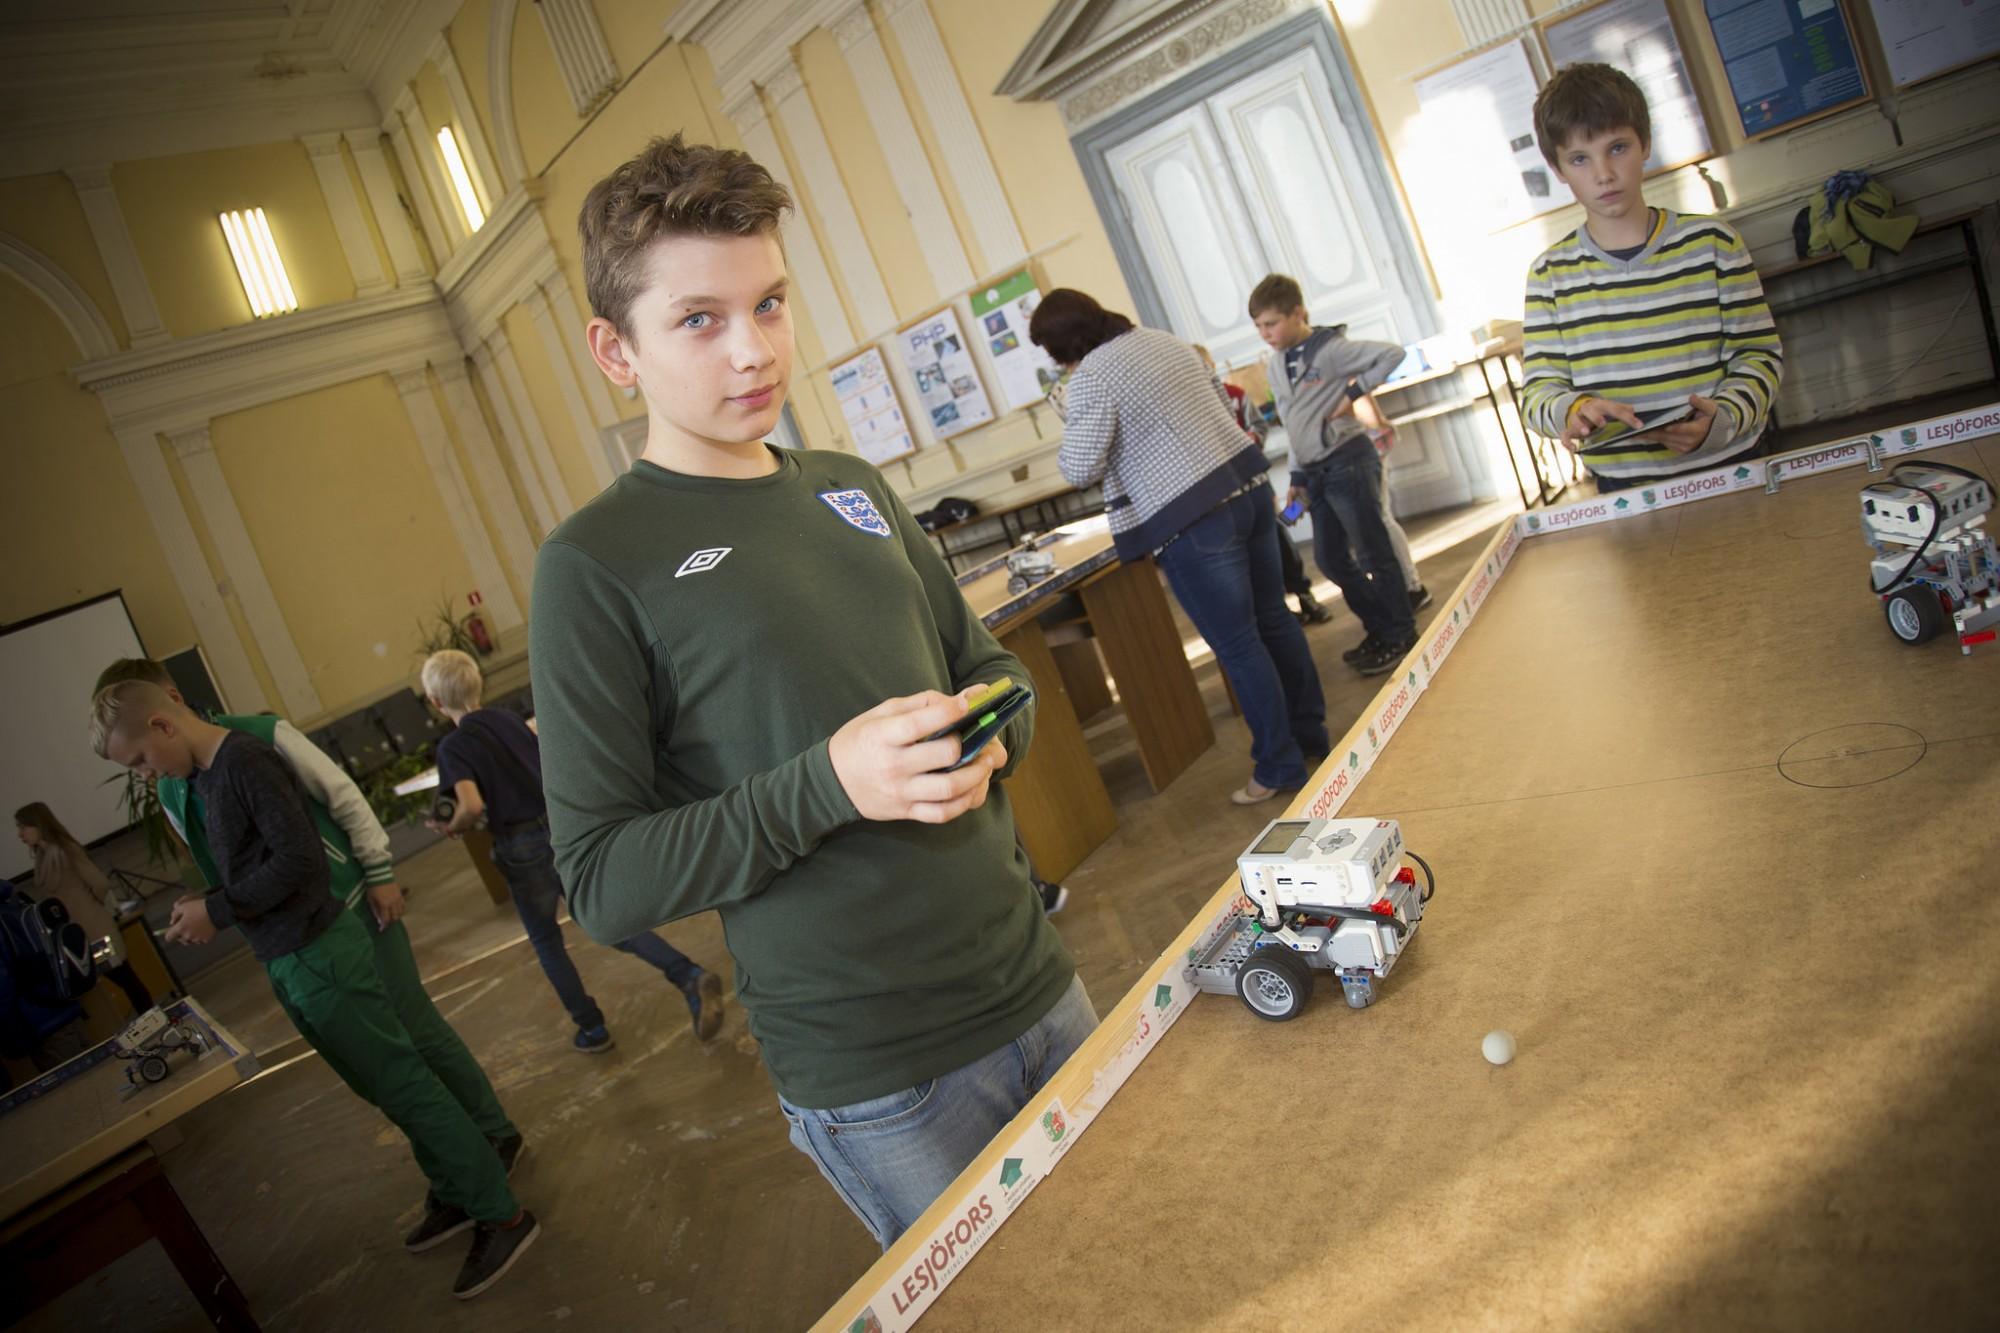 Skolēniem piedāvā nodarbības programmēšanā un robotikā